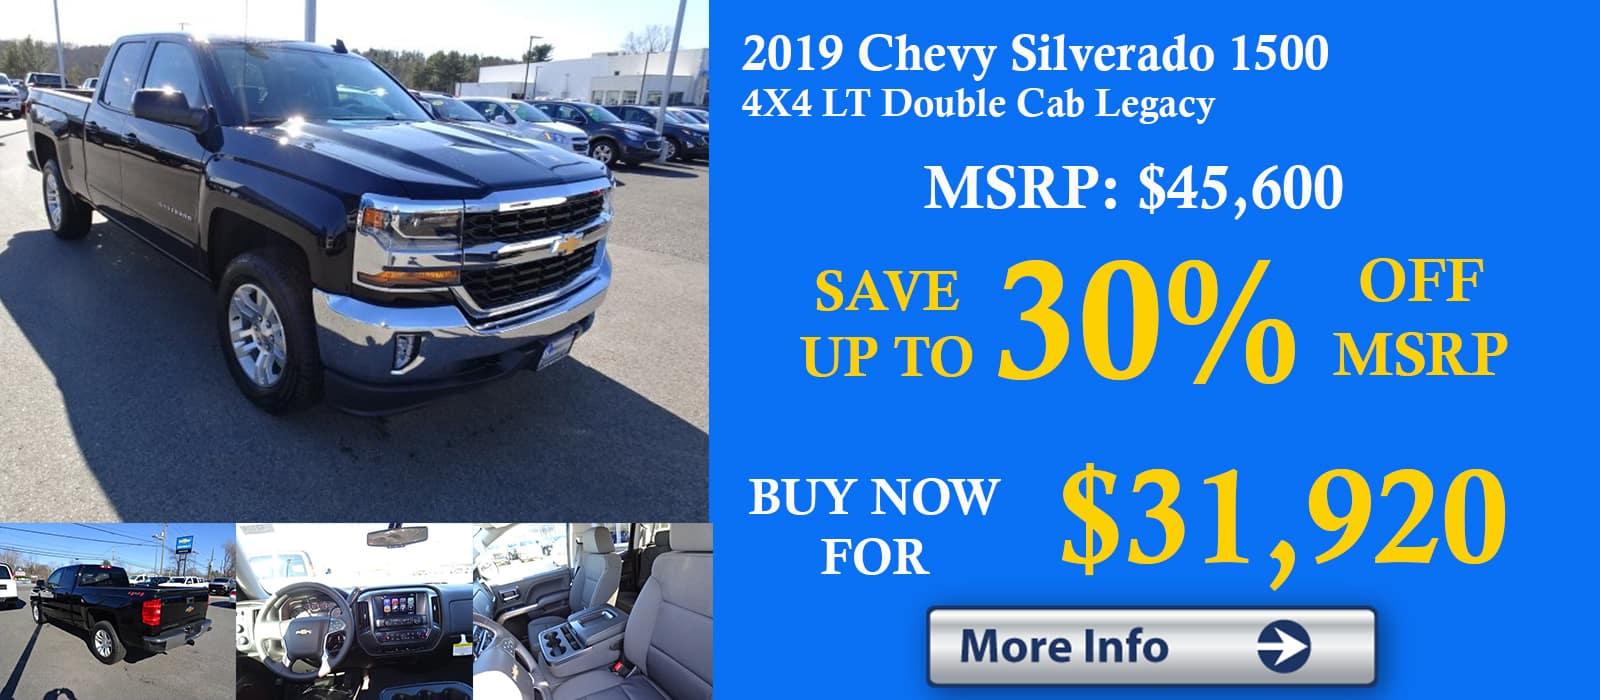 Dover Chevrolet | Chevrolet Dealer in Dover, NH | chevrolet dealers